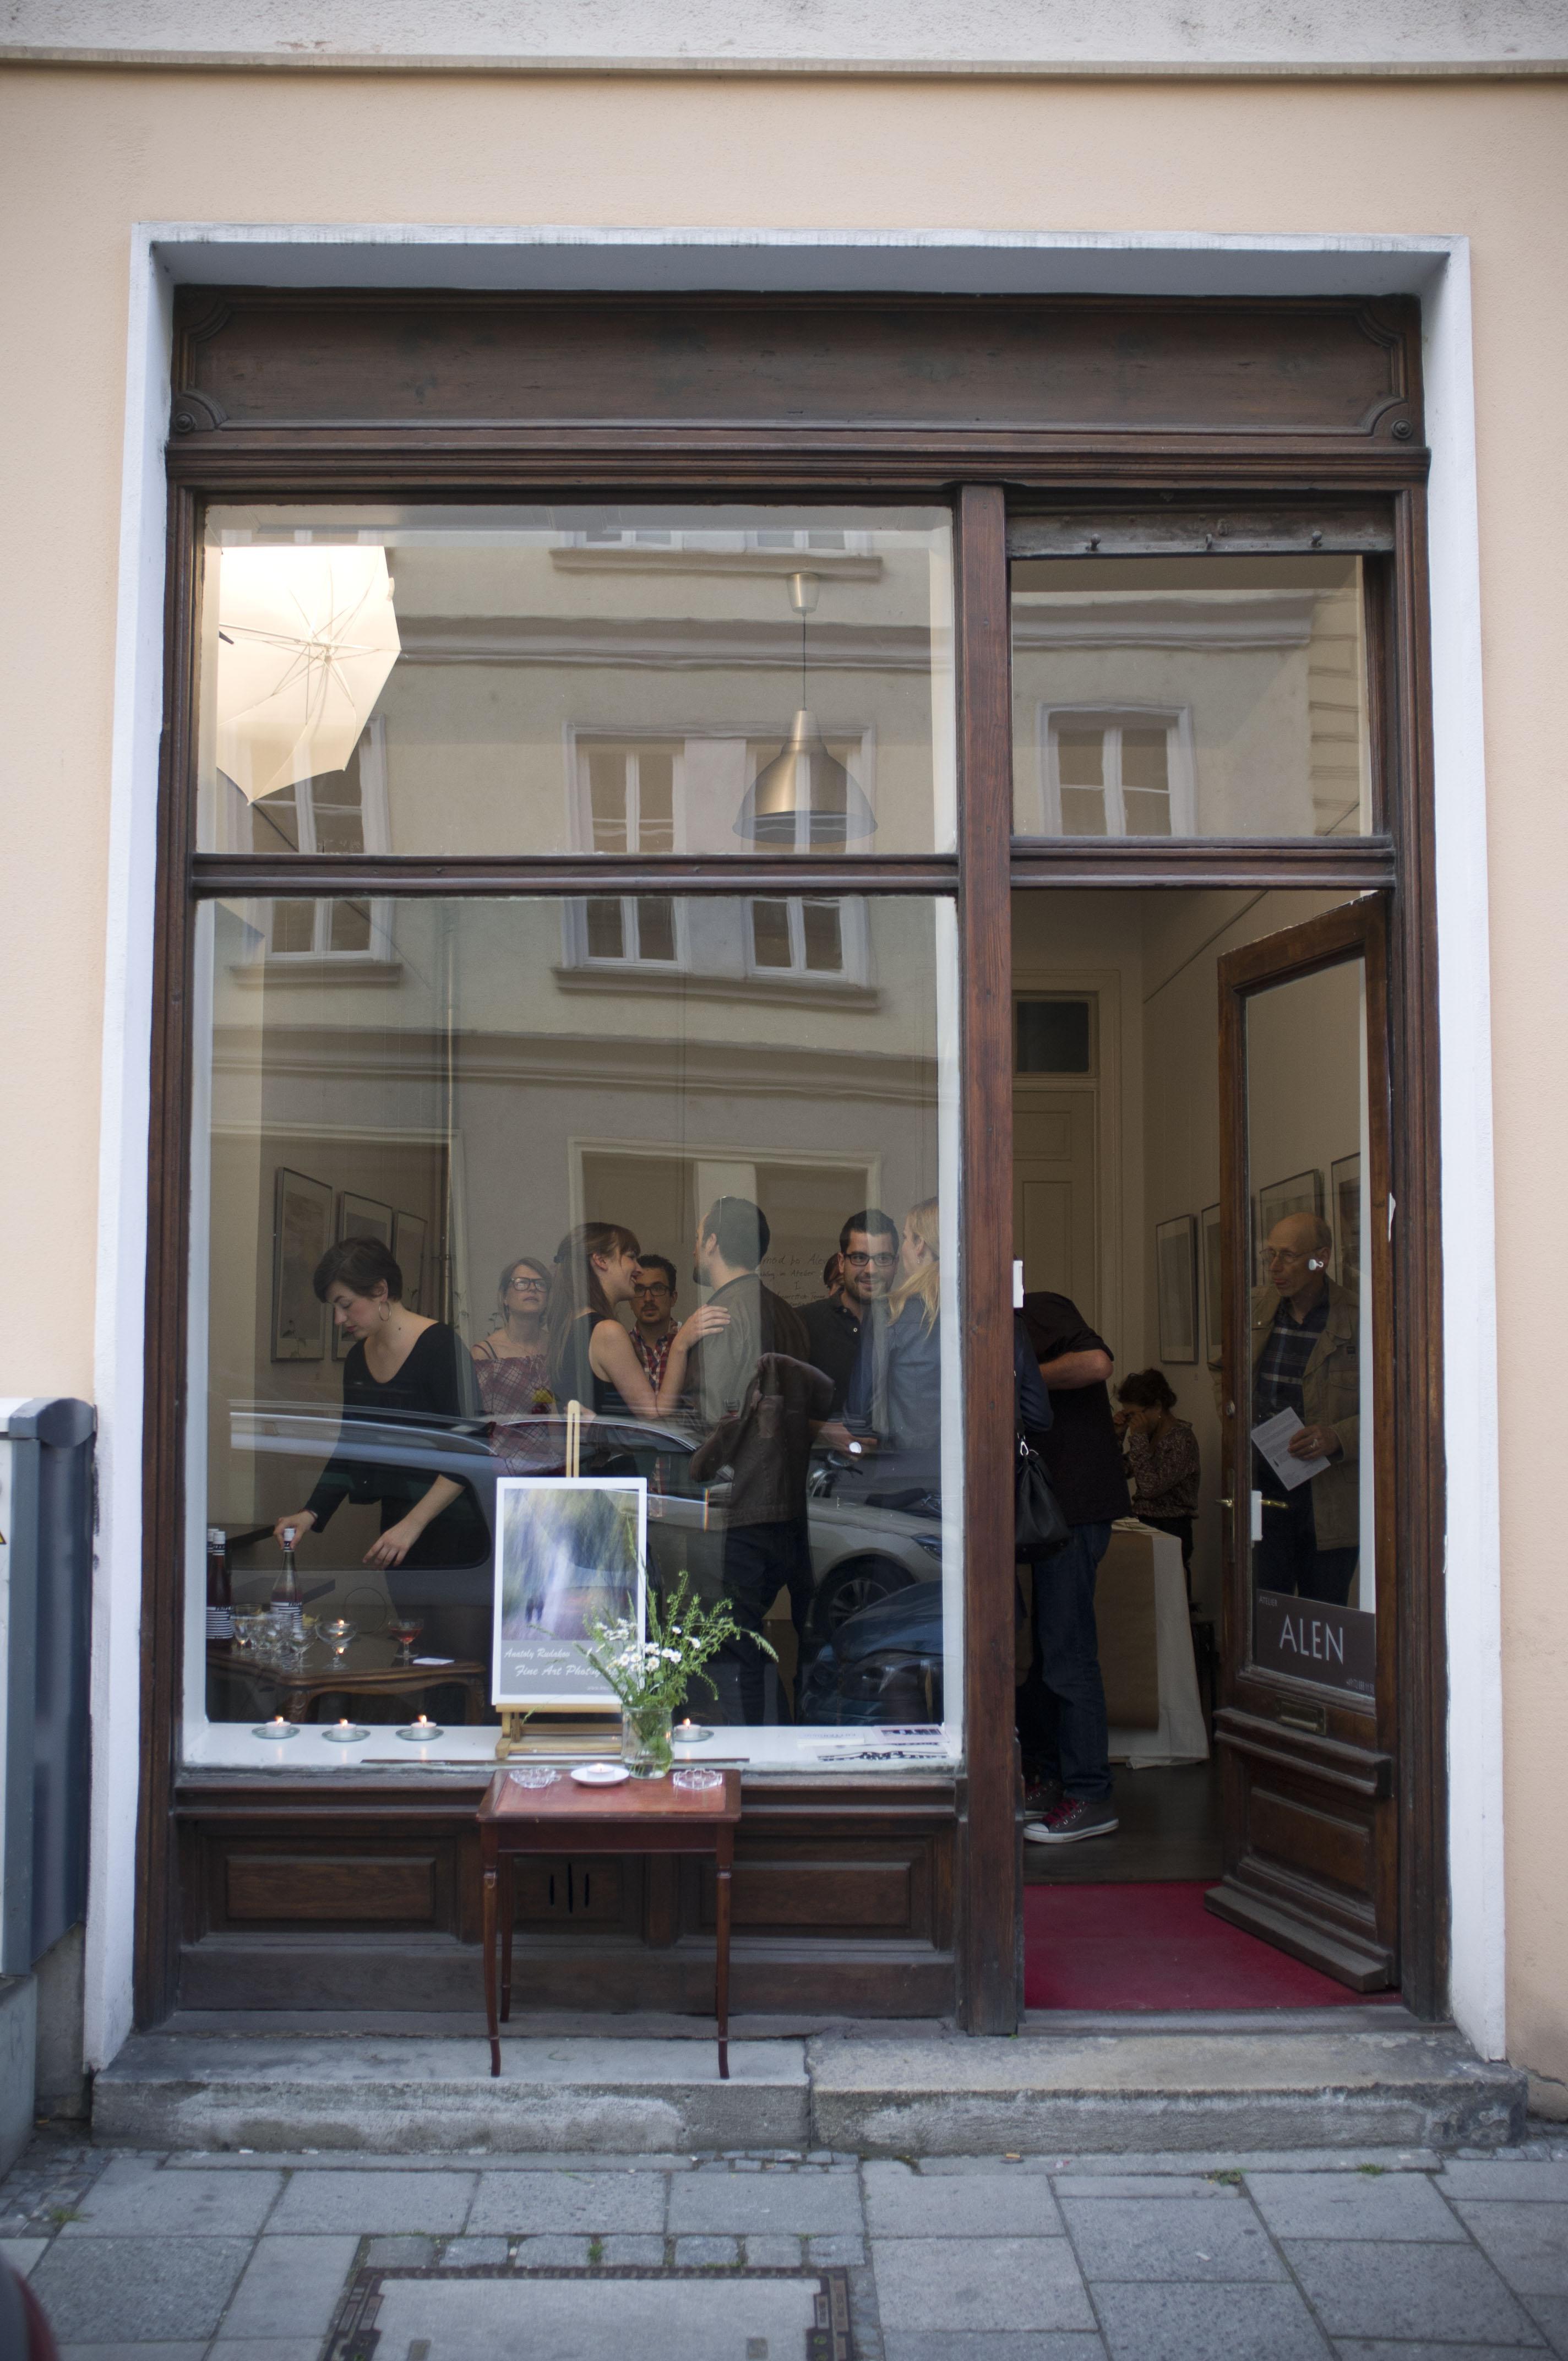 Atelier ALEN, Baaderstraße